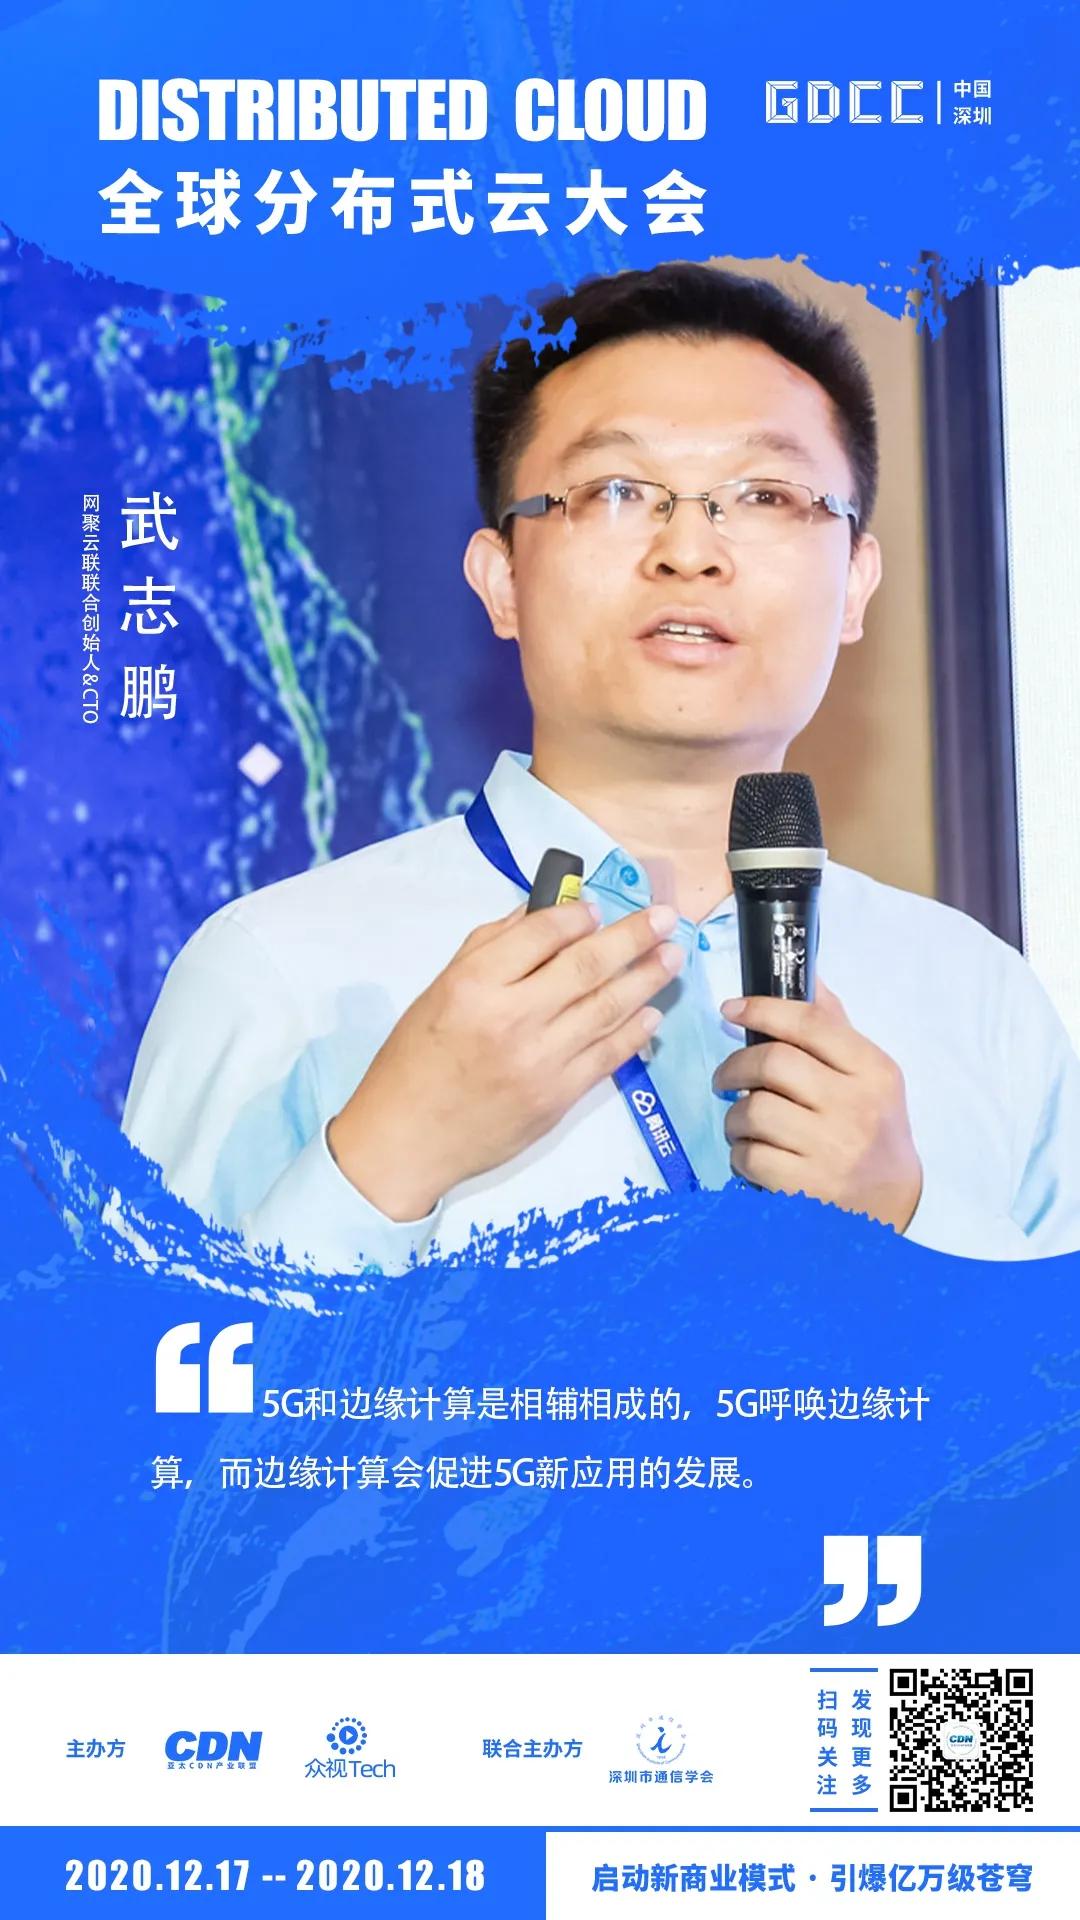 「网聚云联」武志鹏:5G时代边缘计算平台架构的设计思考